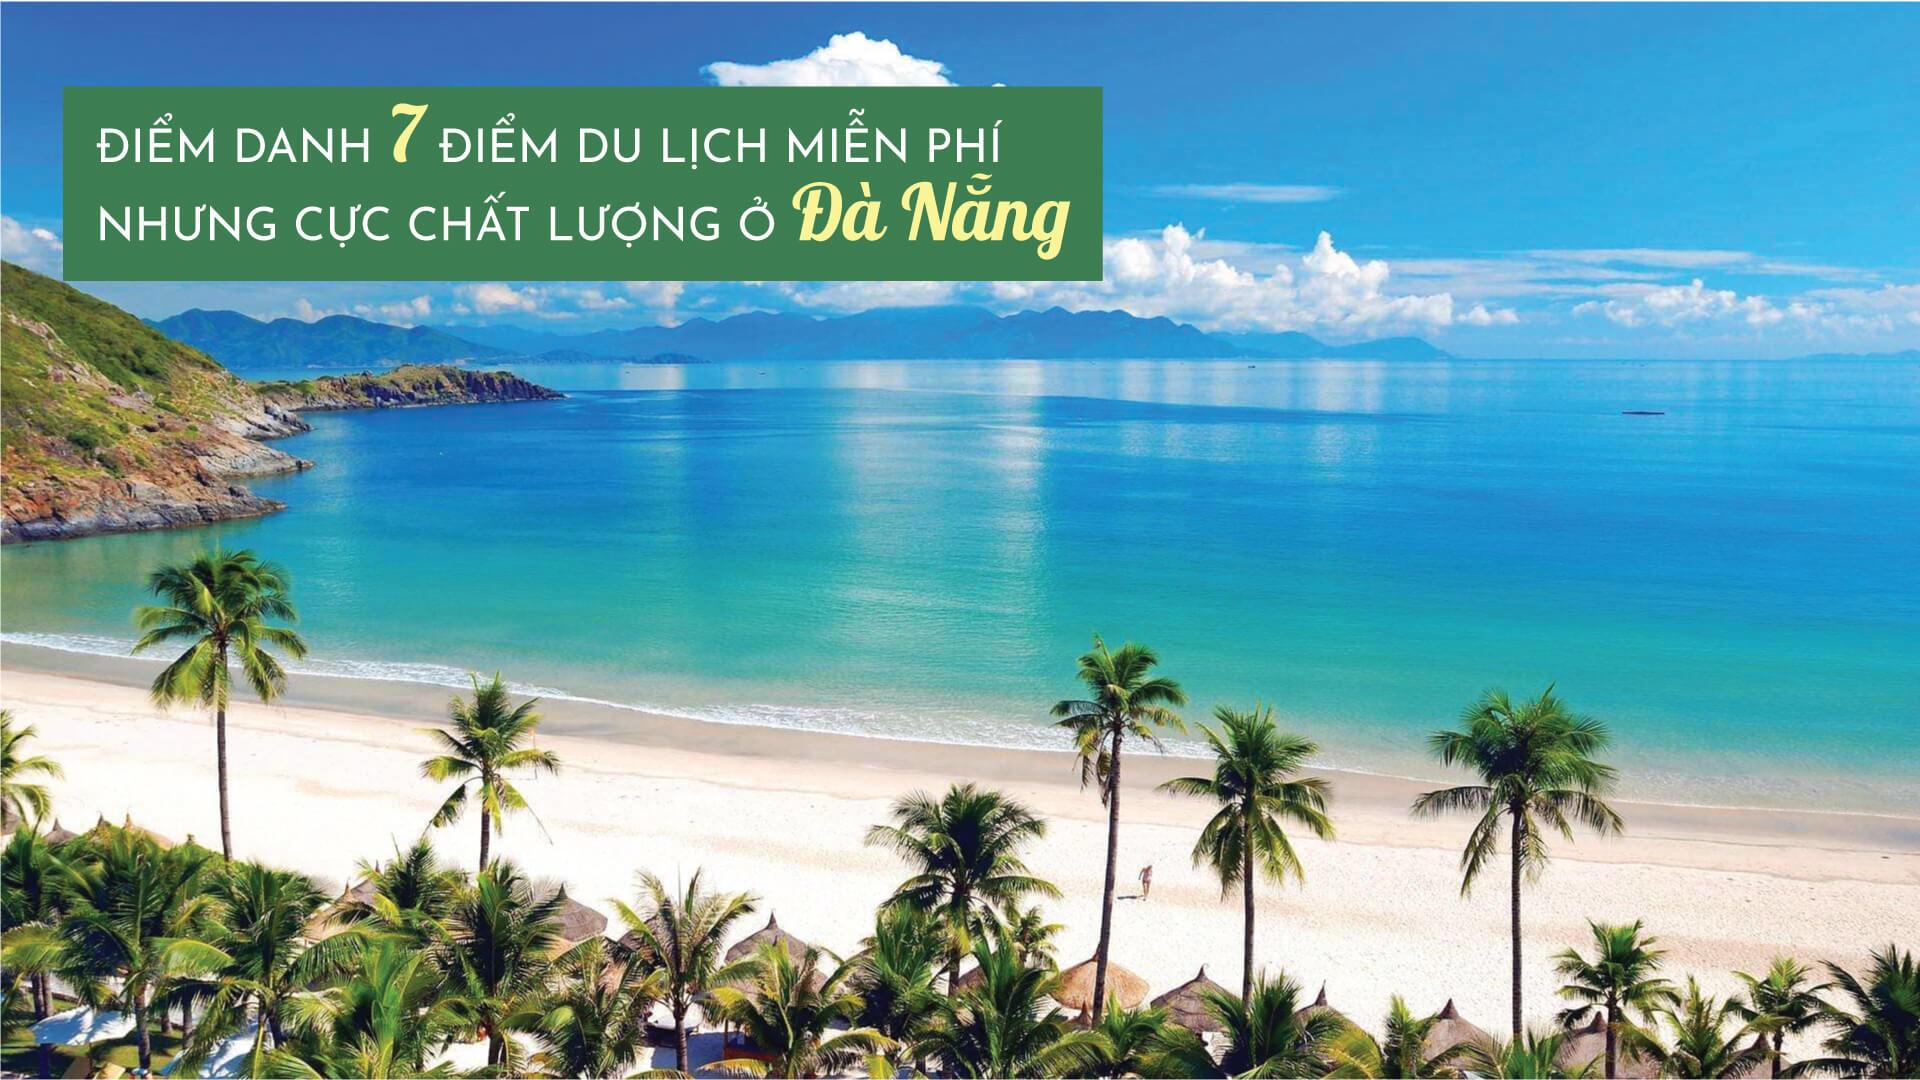 Điểm danh 7 điểm du lịch miễn phí nhưng cực chất lượng ở Đà Nẵng